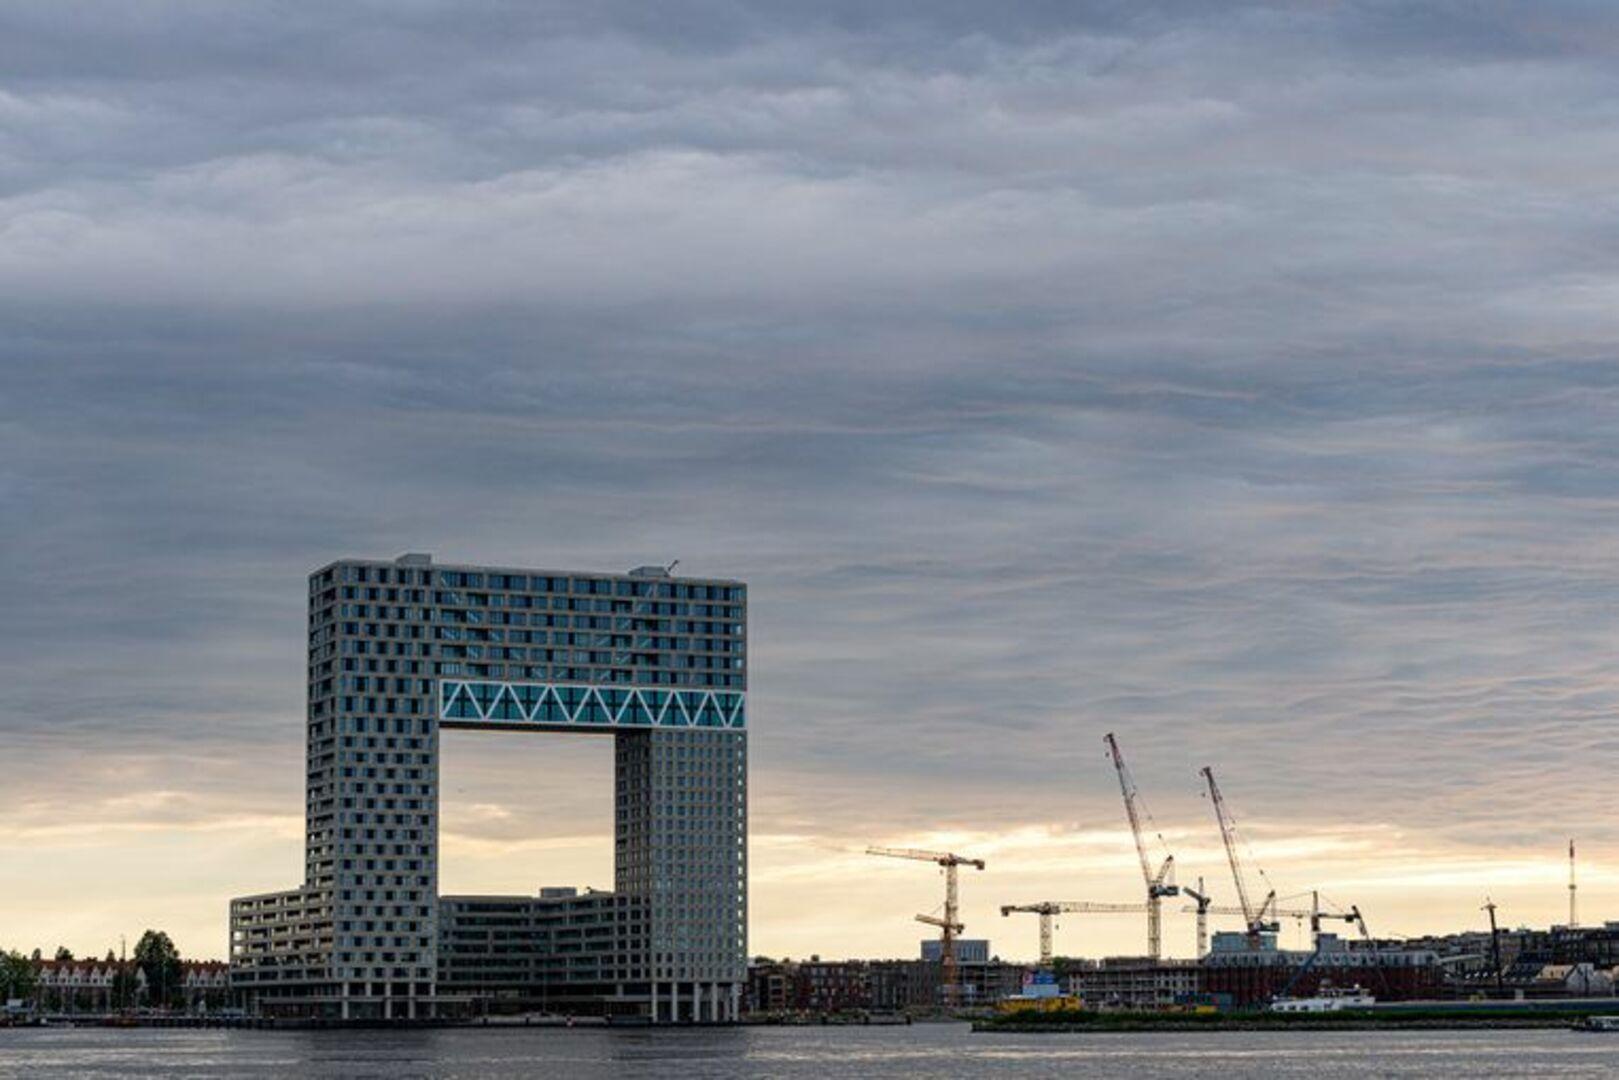 Fors meer huizen van een miljoen of meer, ook in Amsterdam (BRON: Het Parool)